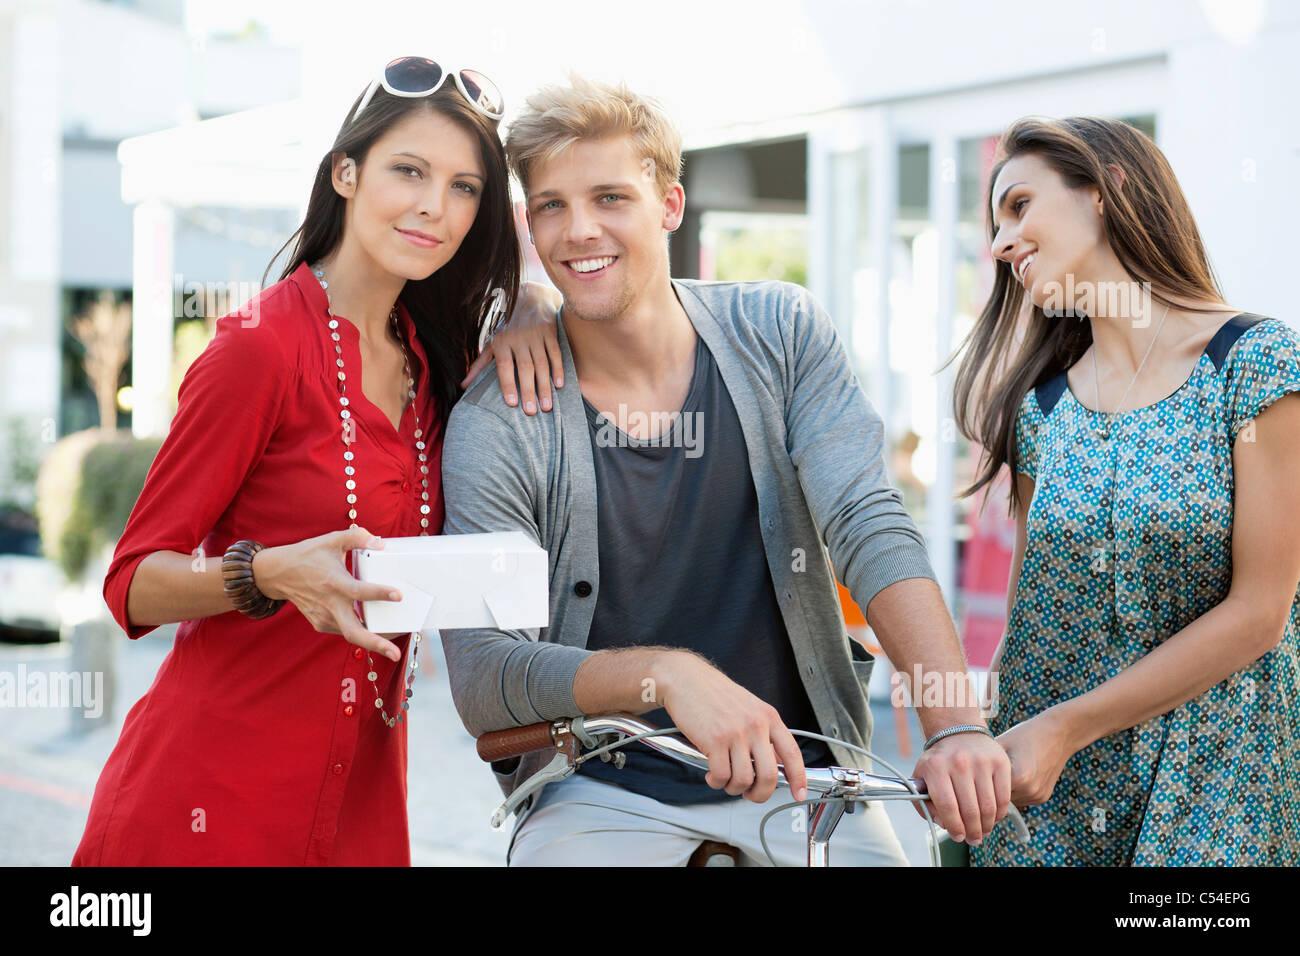 Porträt eines jungen Mannes mit zwei Frauen, Radfahren Stockfoto